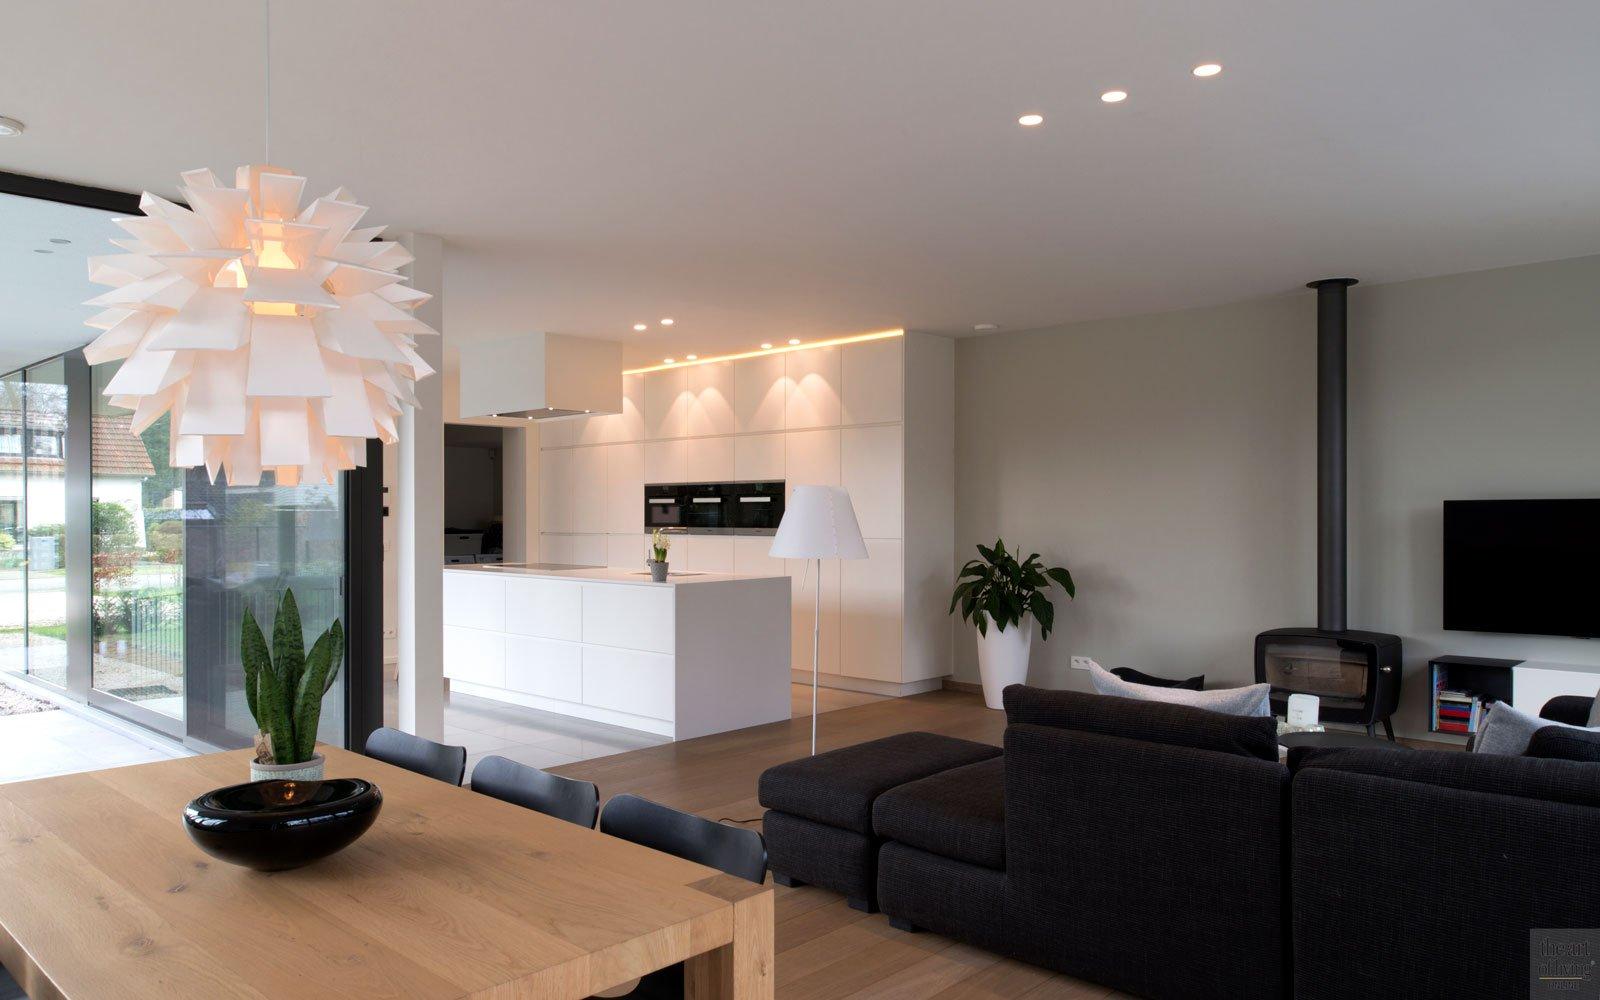 Keuken, woonkamer, open, verbinding, ruimtelijk, moderne villa, Leers & Partners